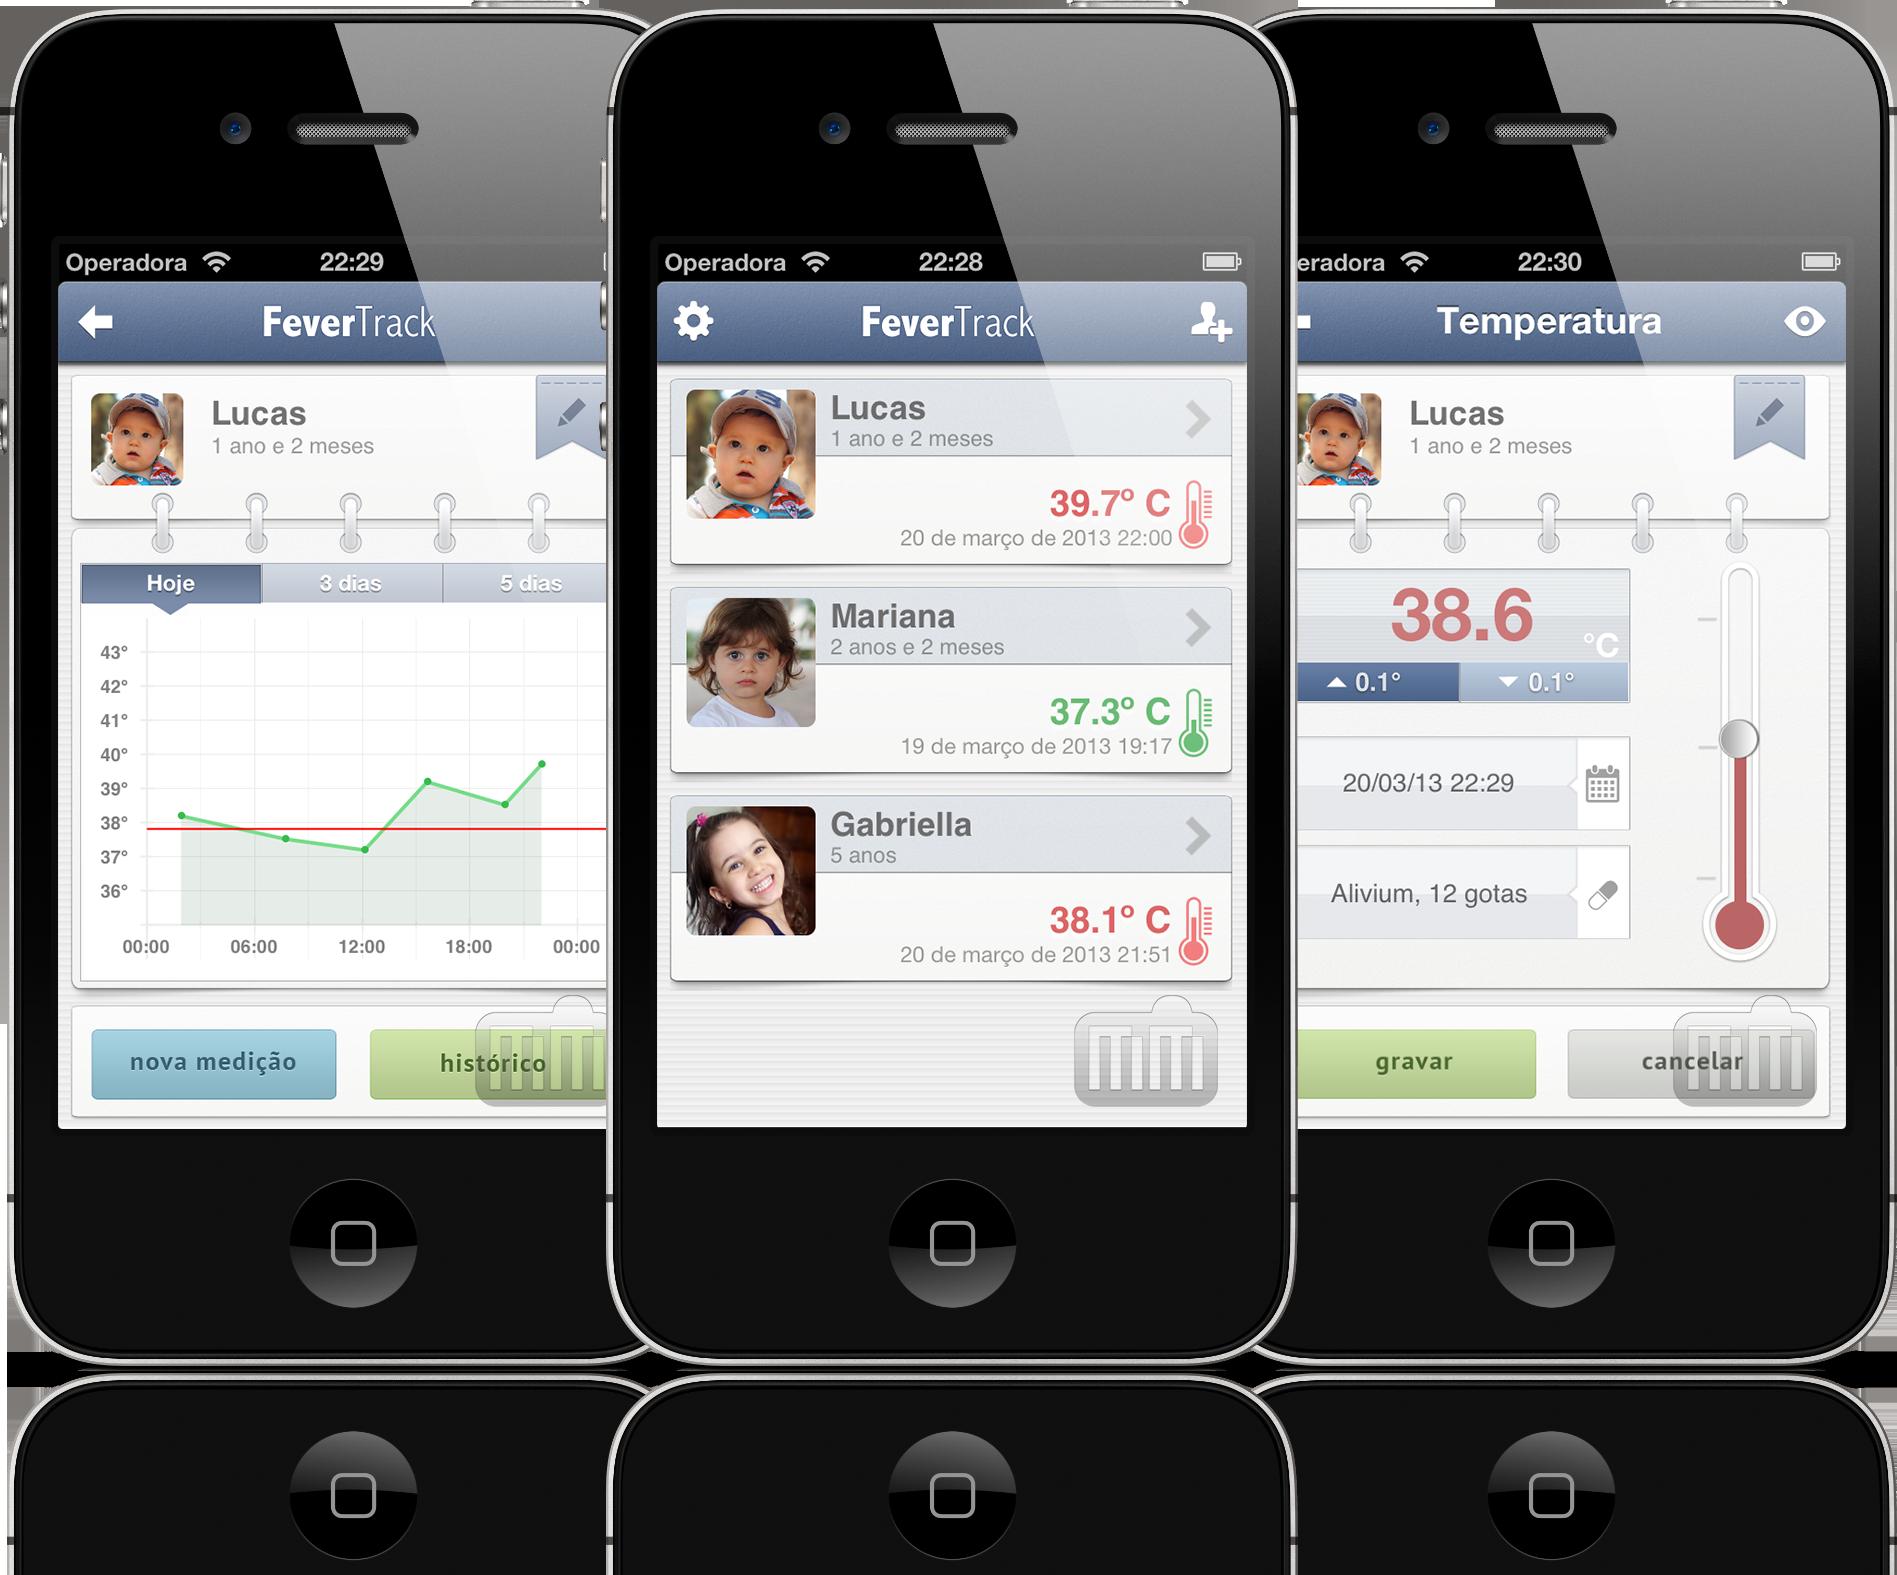 FeverTrack - iPhones